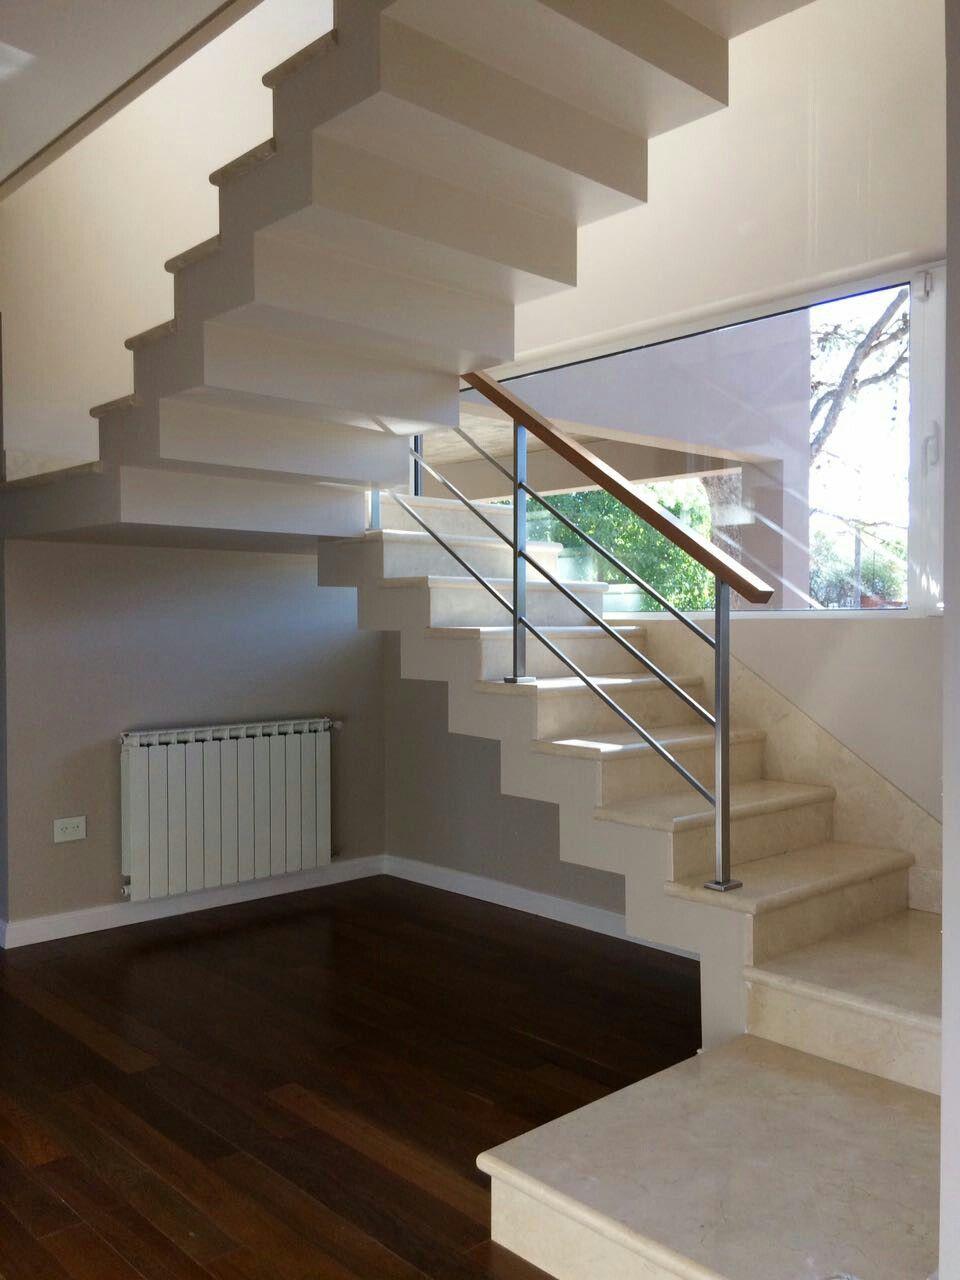 Escalera en marmol crema marfil escaleras pinterest - Marmol para escaleras ...